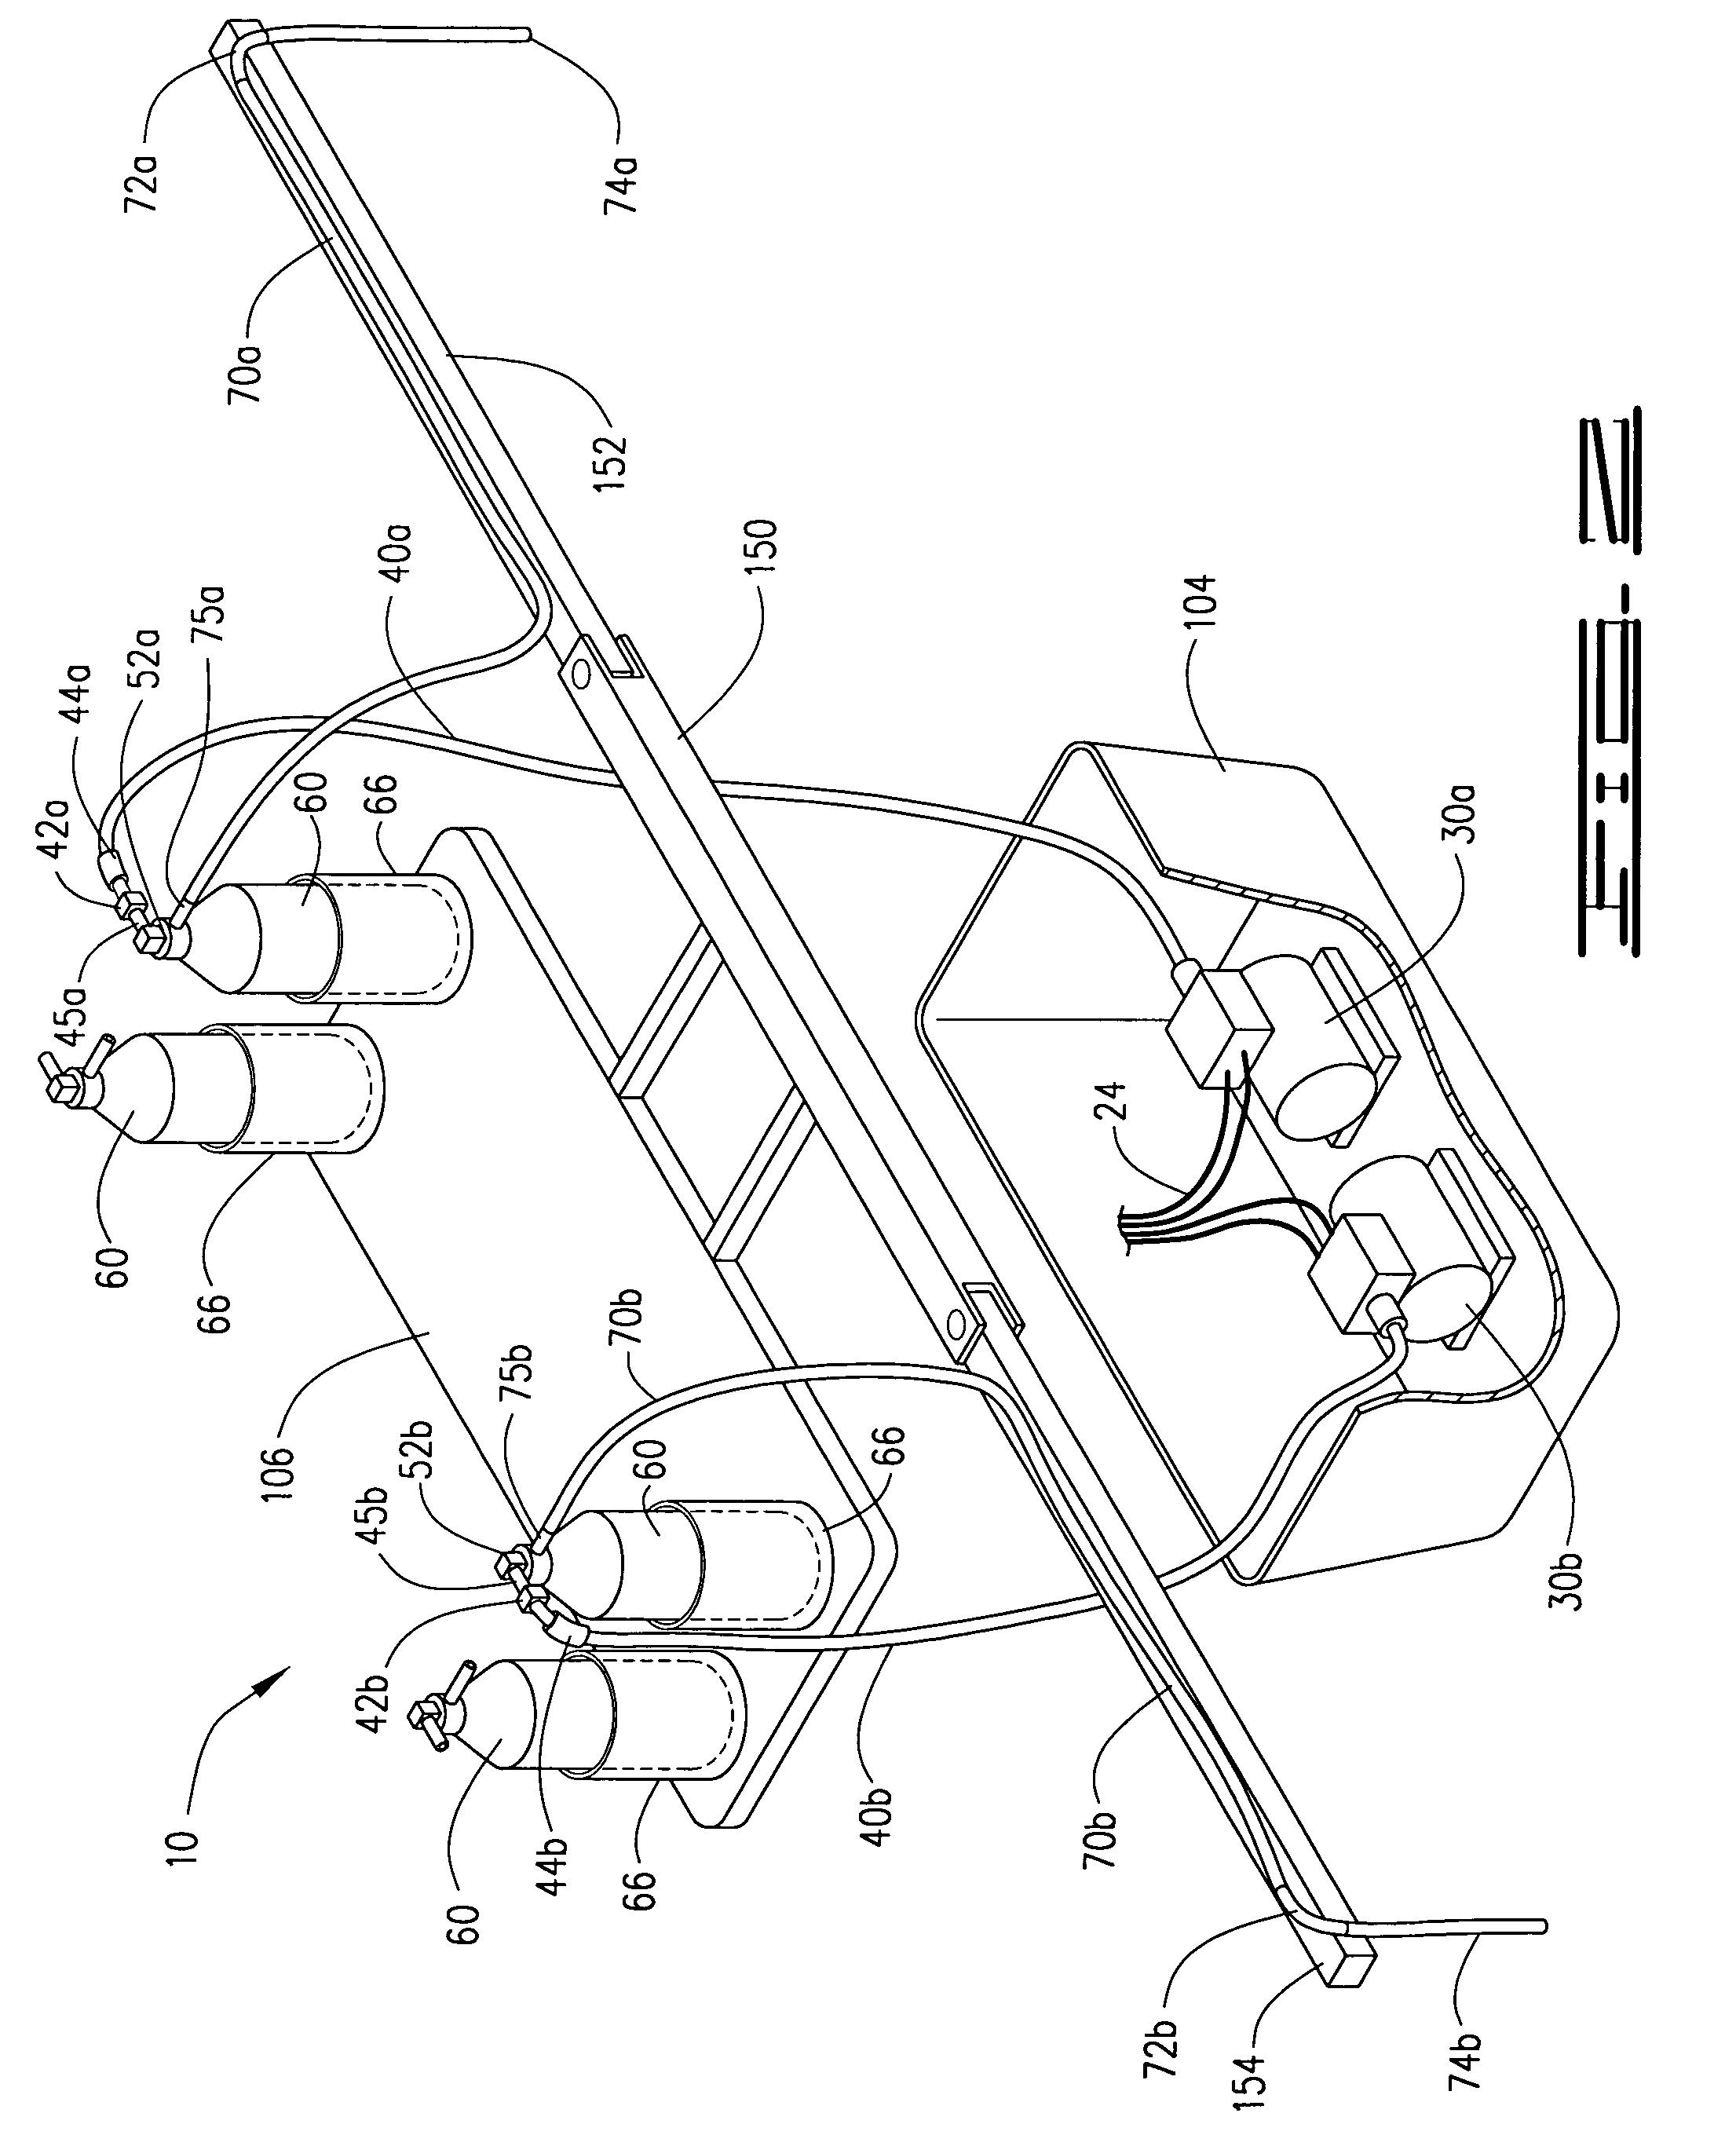 patent us6969010